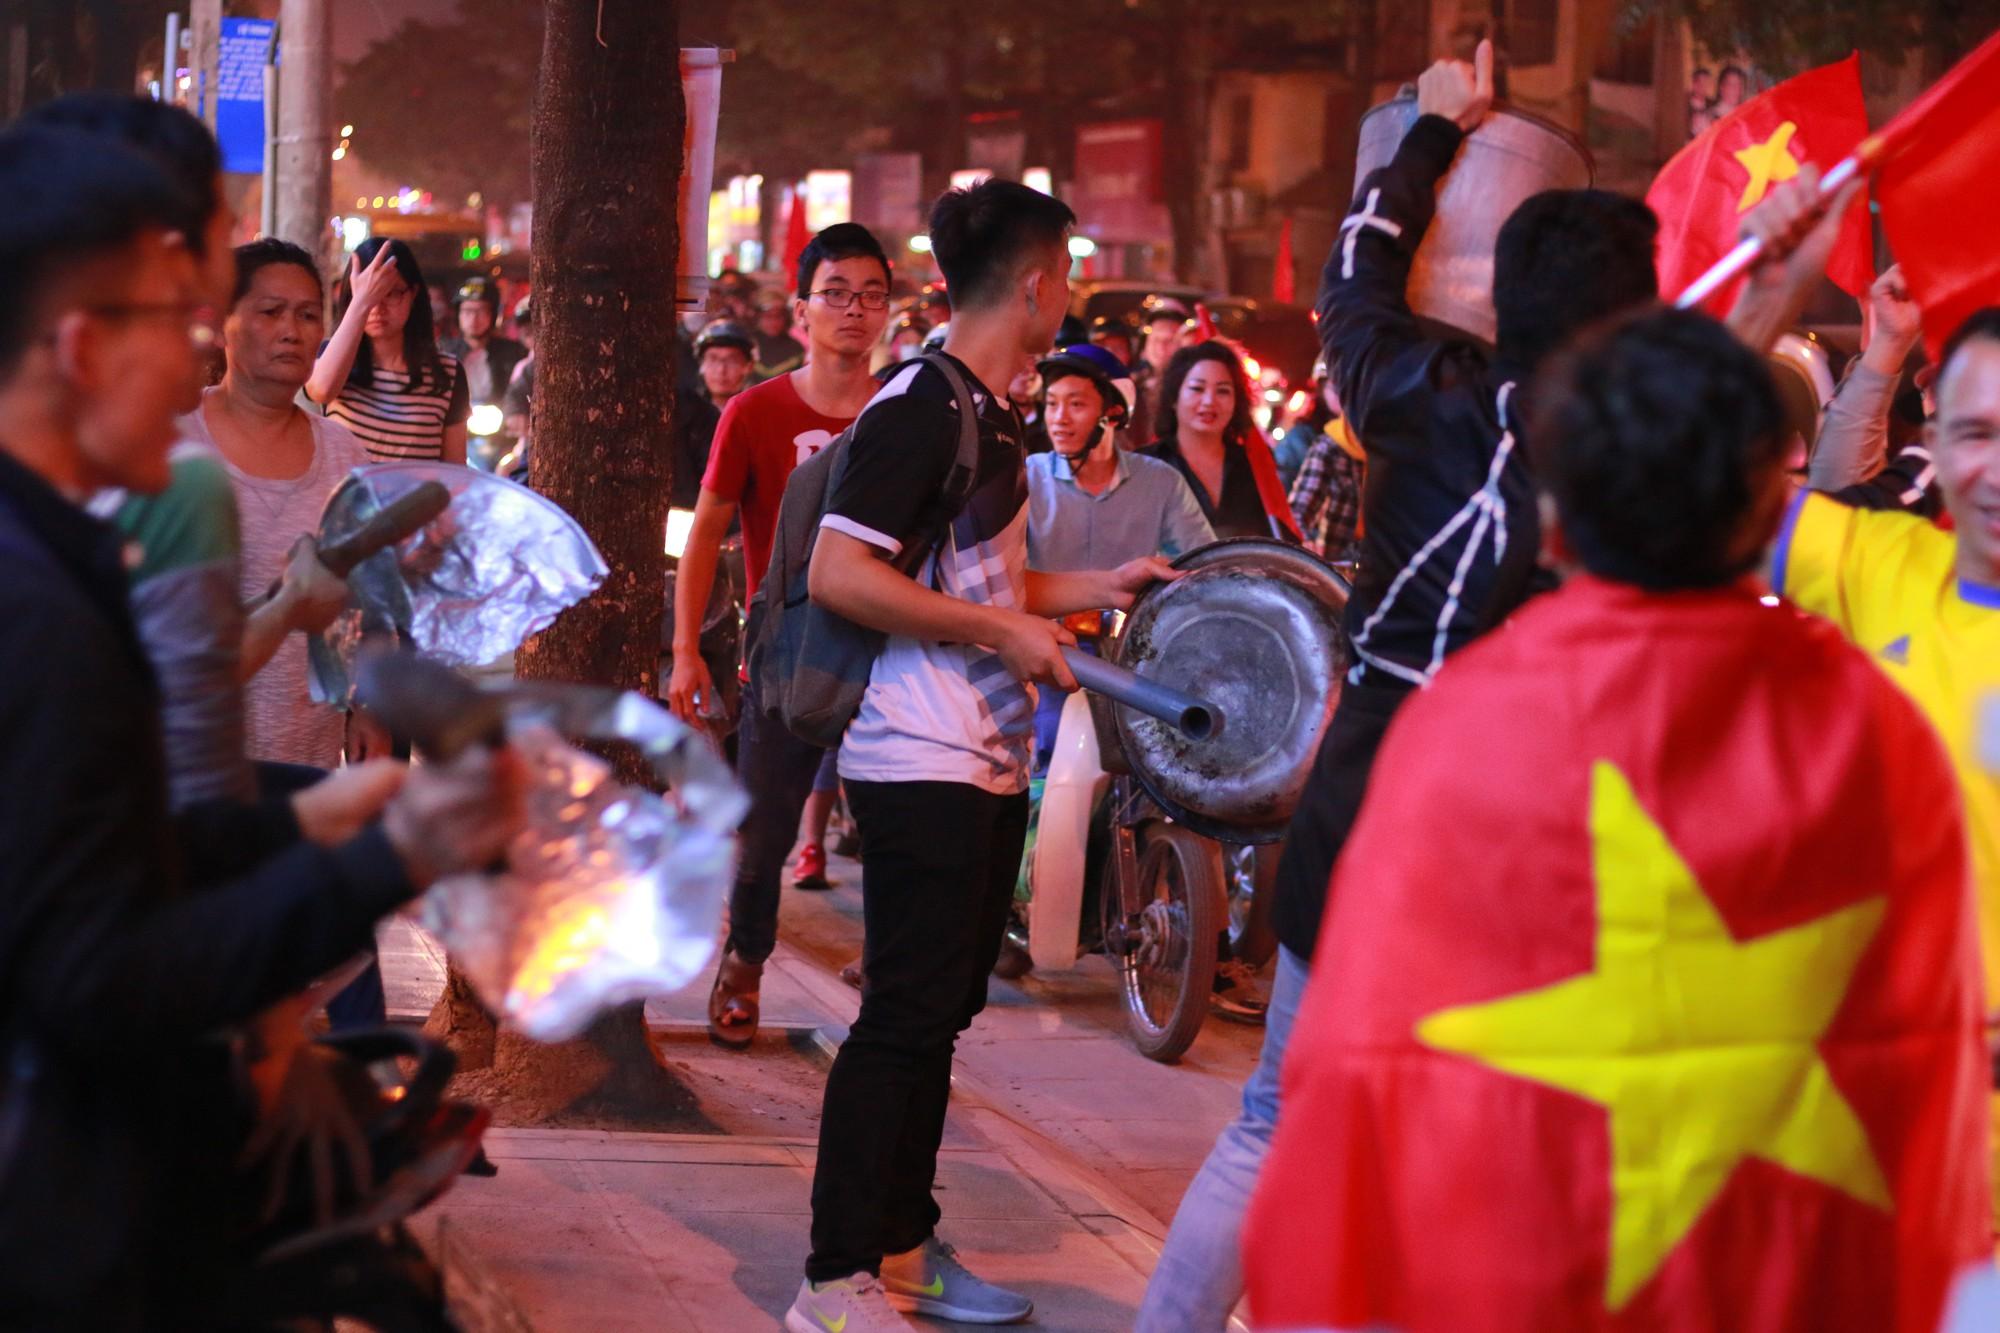 Những nhạc cụ gõ mừng U23 Việt Nam chiến thắng đặc dị khác thường nhất đêm qua - Ảnh 11.